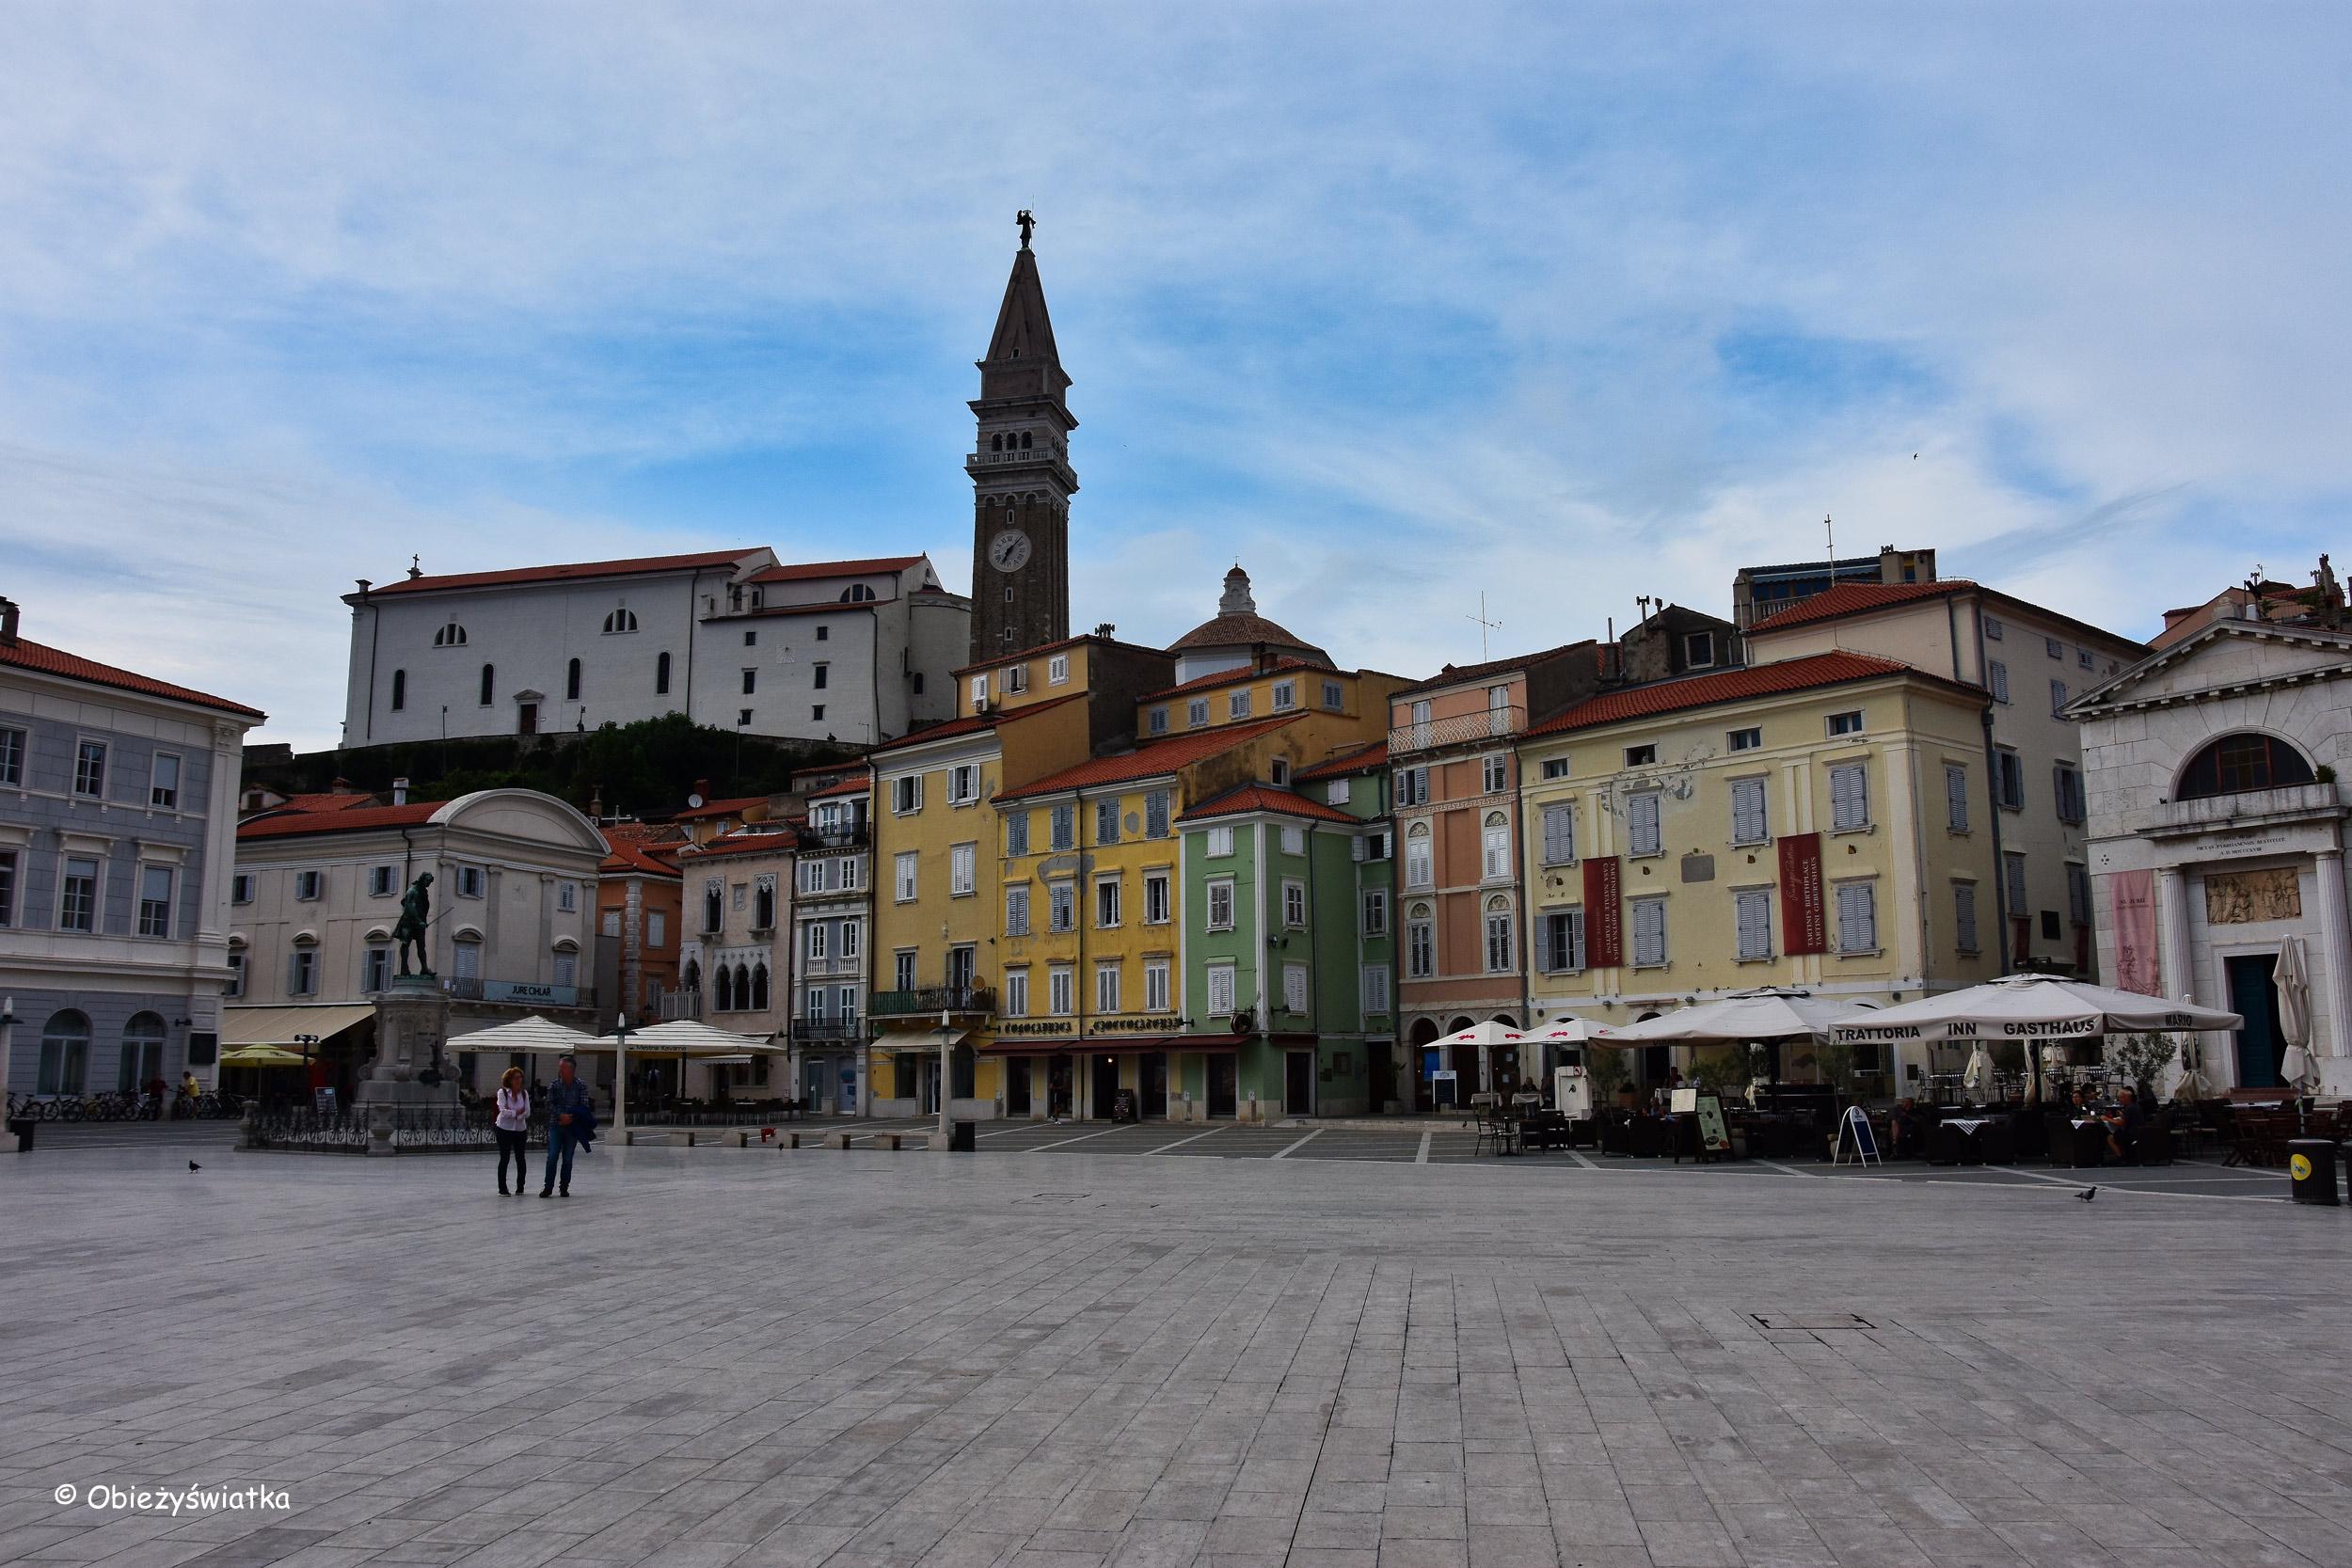 Piazza Tartini - główny plac miasta, Piran, Słowenia